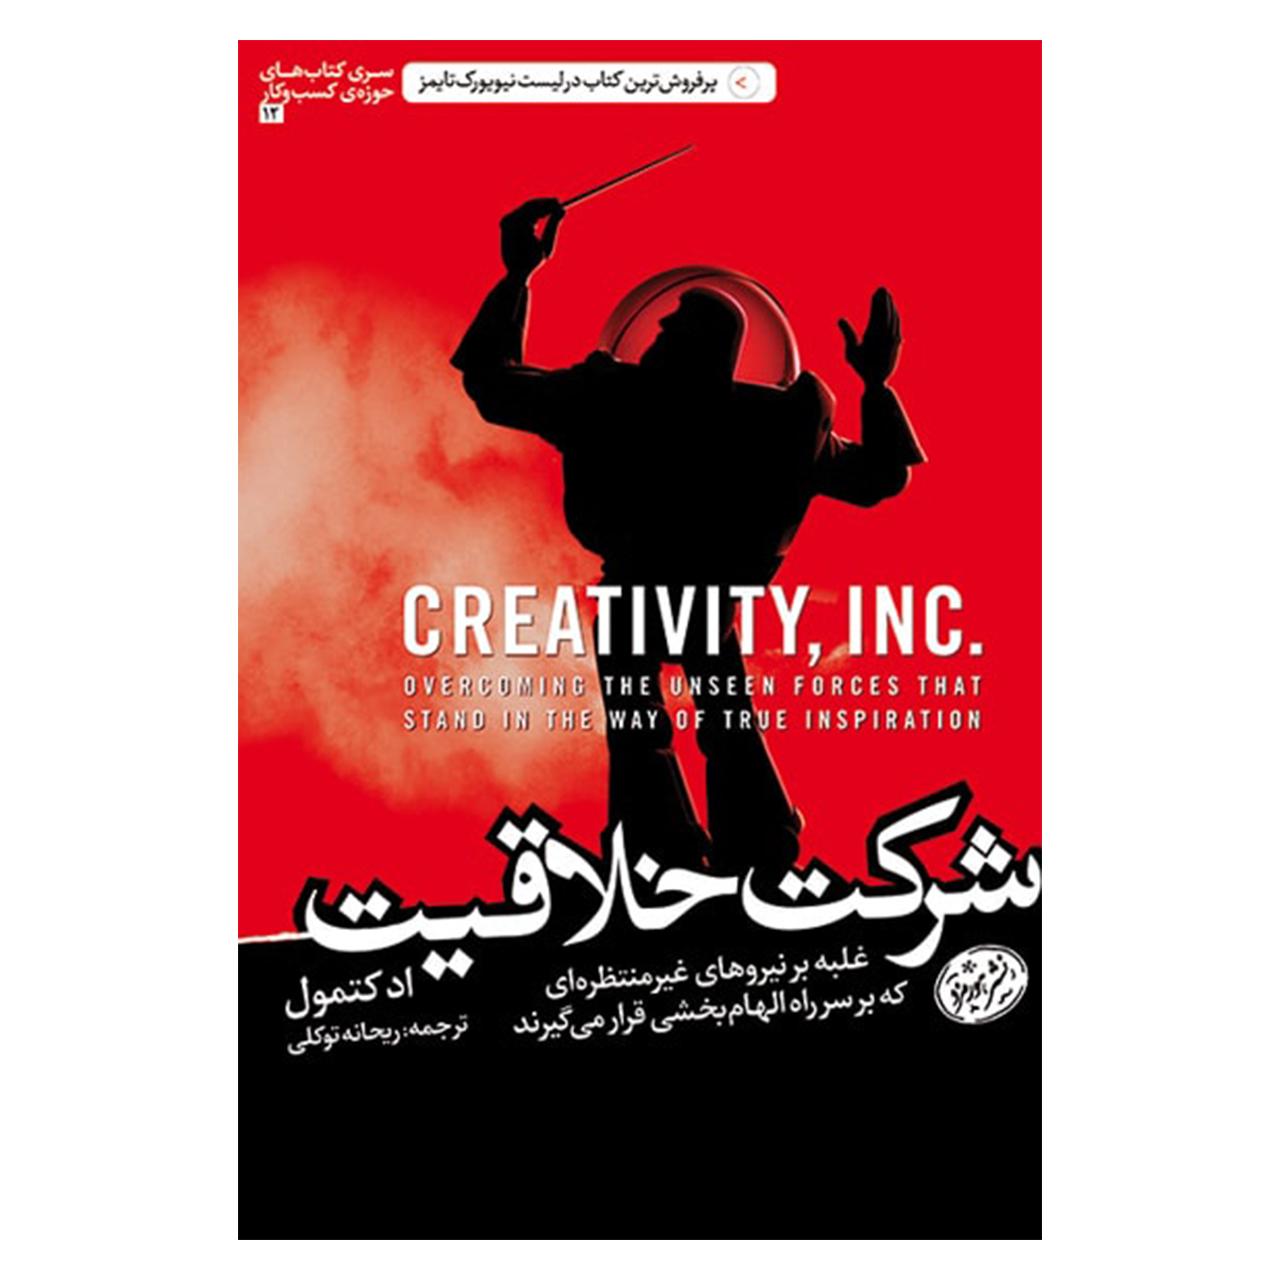 خرید                      کتاب شرکت خلاقیت اثر اد کتمول نشر هورمزد